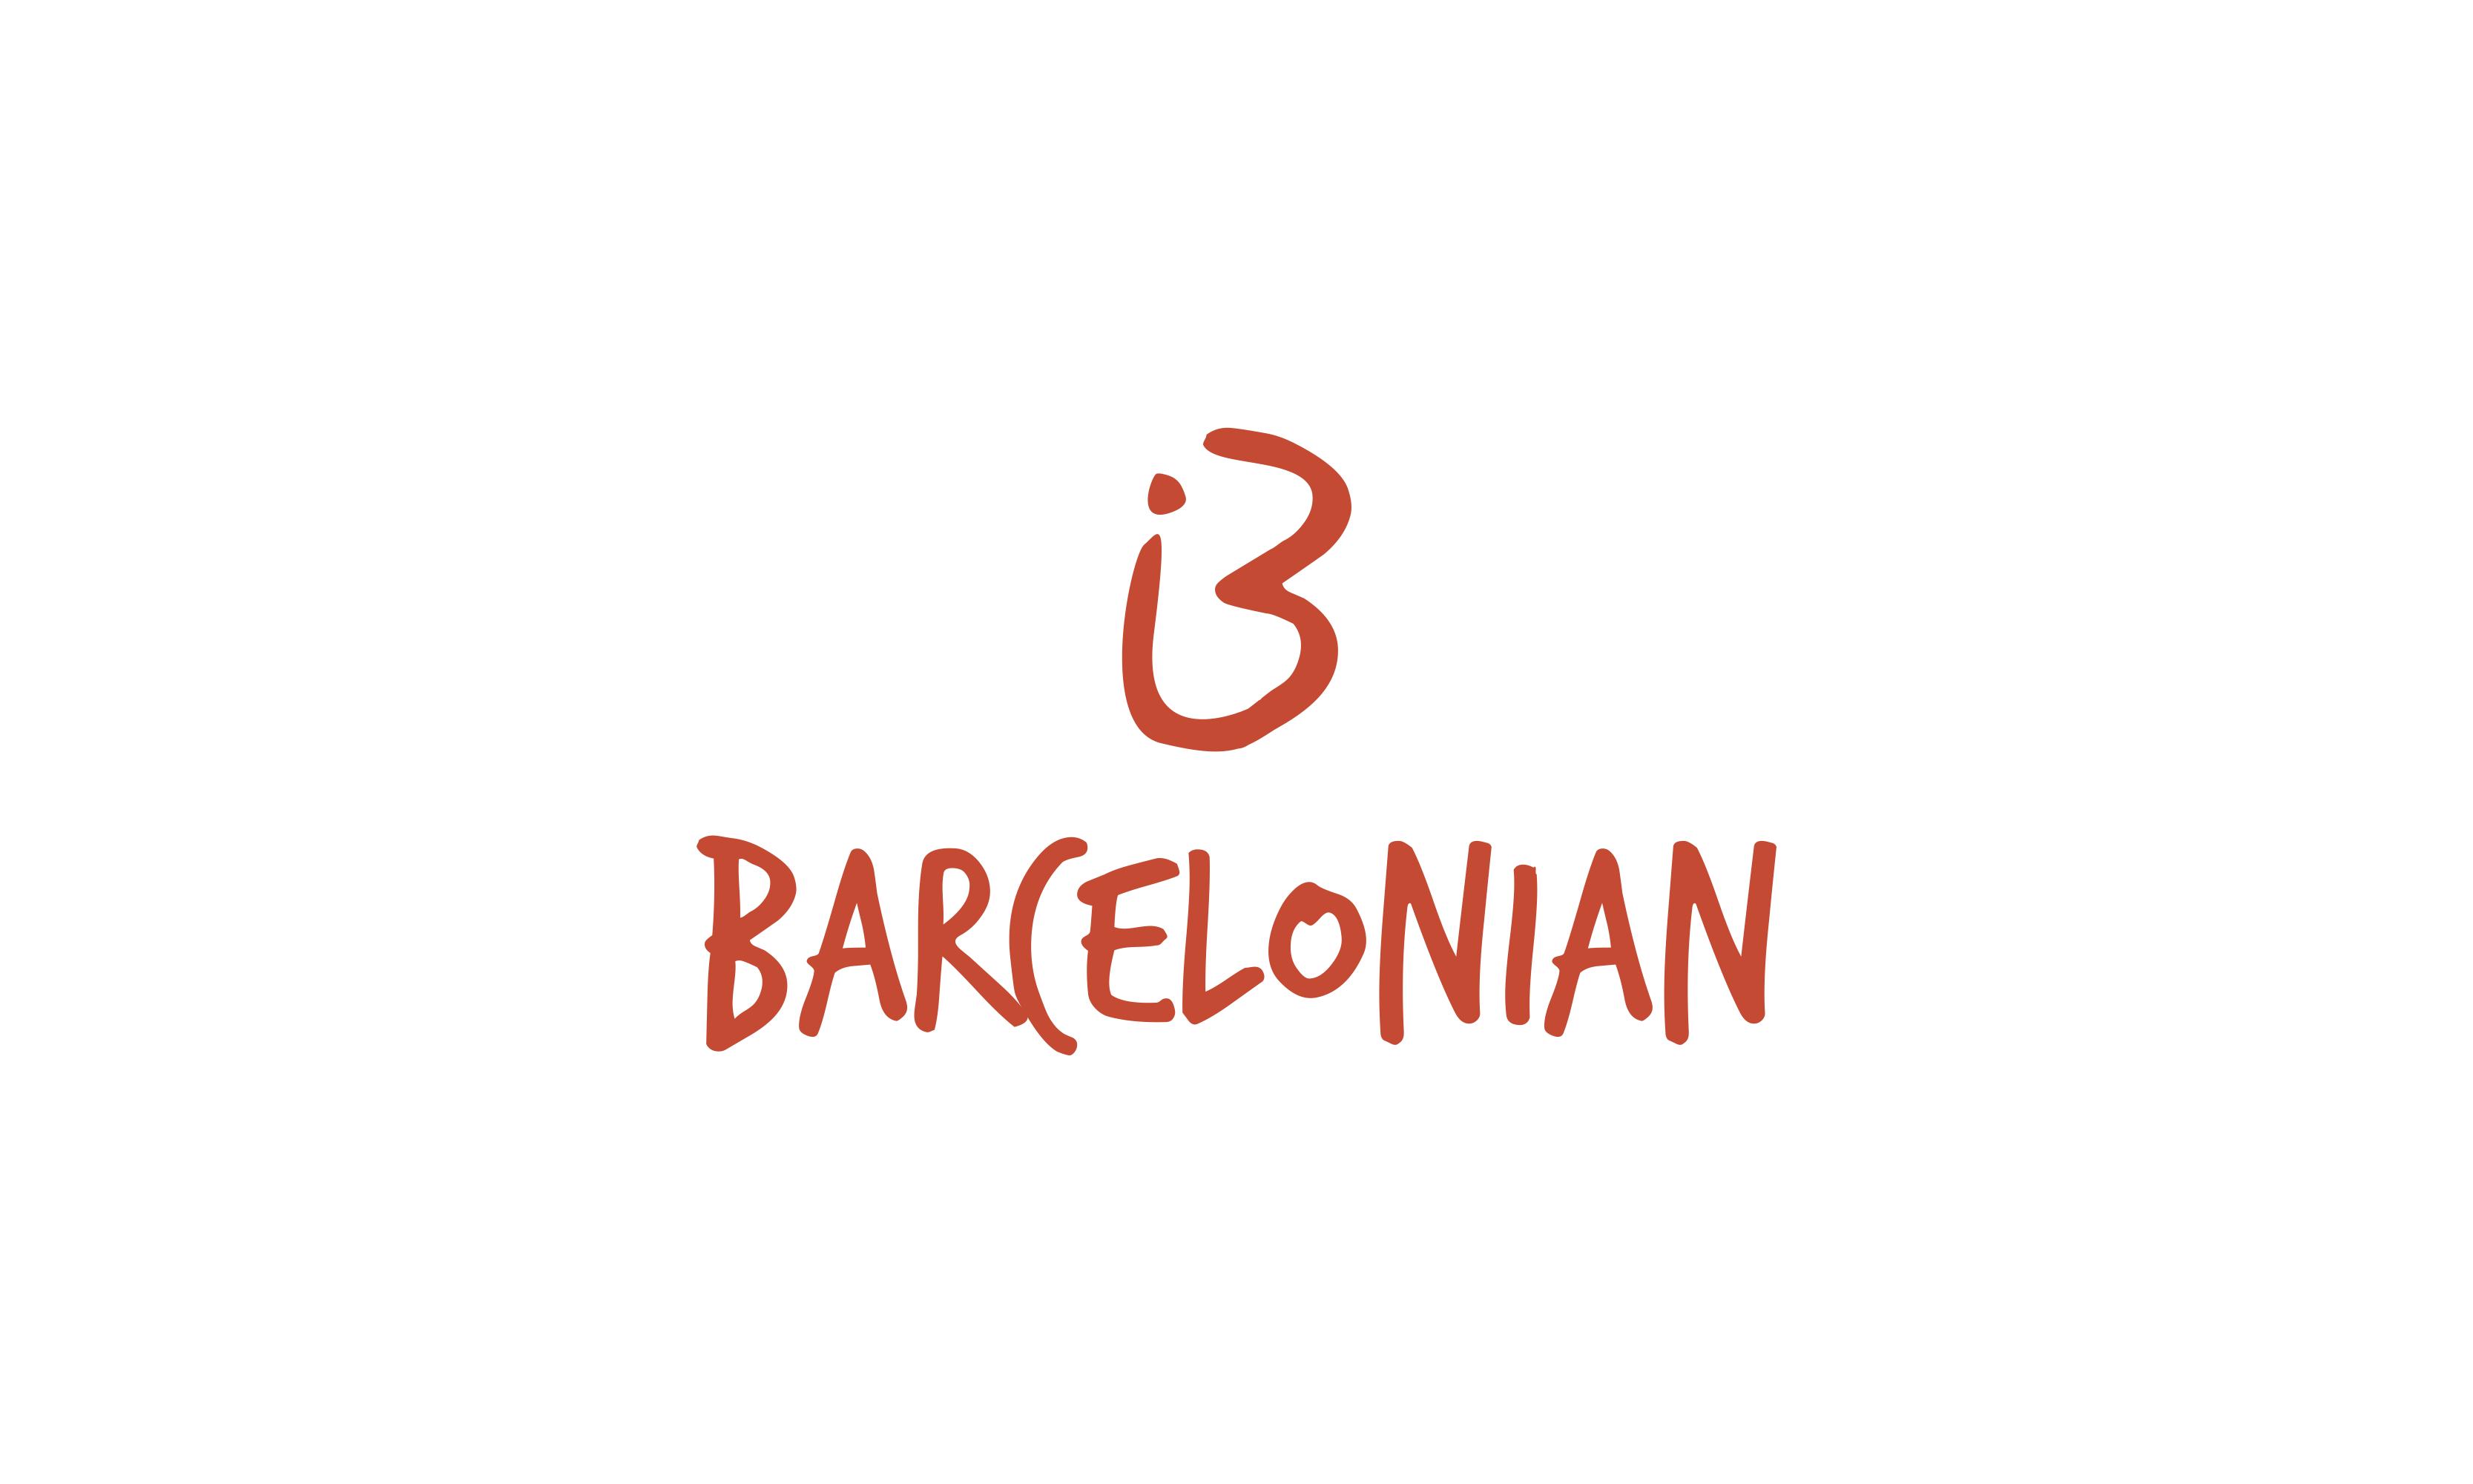 Barcelonian